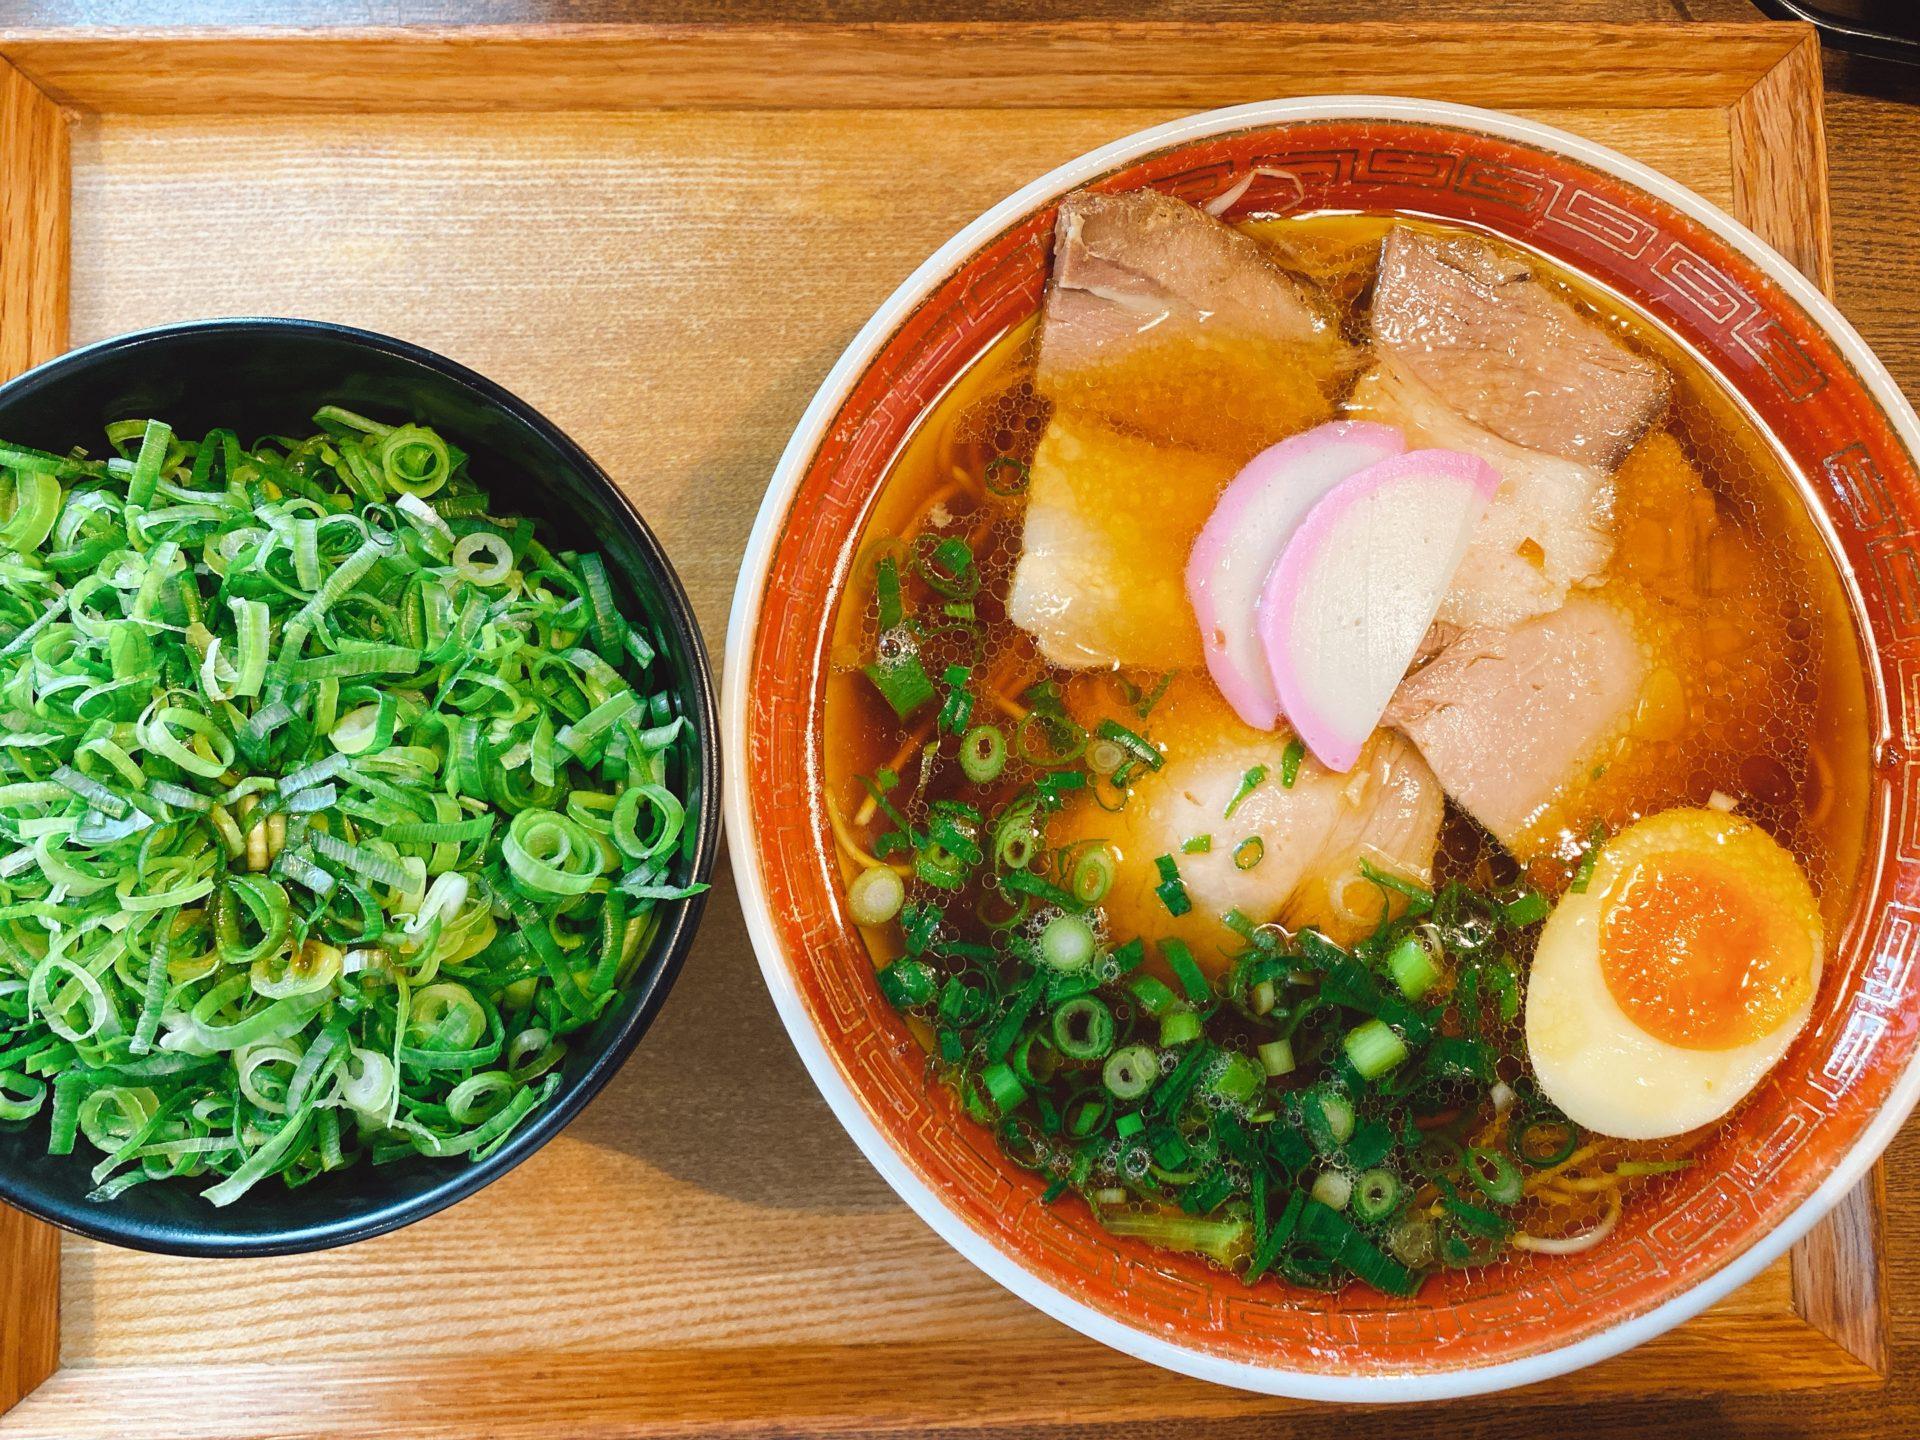 バイパス古新田から東へ車で1分半 【中華蕎麦 かたやま本店】の「天神そば」をリスペクトした鶏ガラスープのラーメンが本当に美味しい!